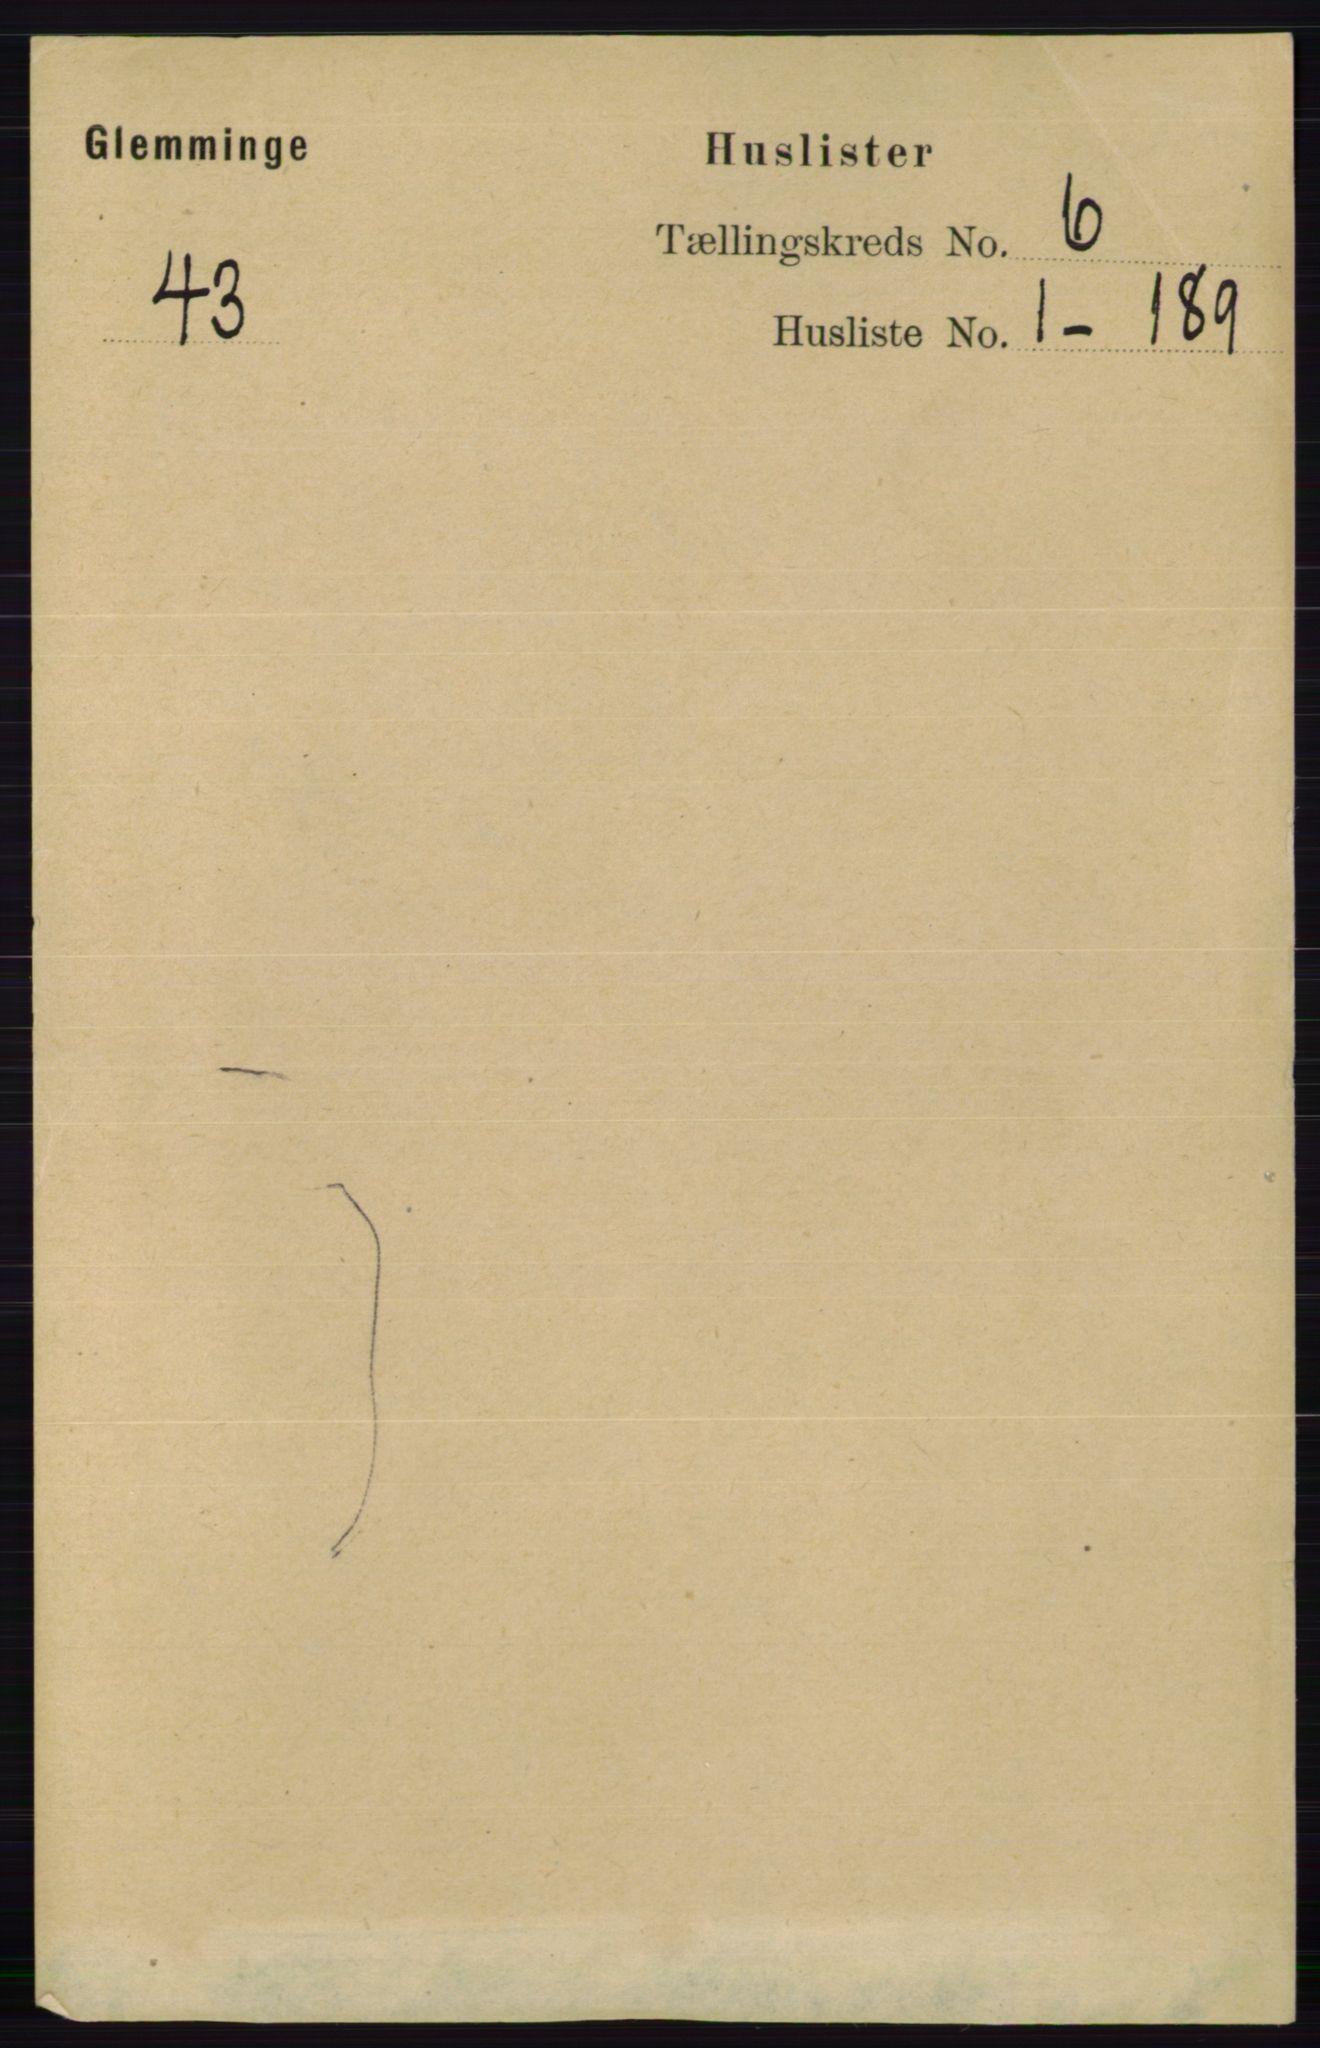 RA, Folketelling 1891 for 0132 Glemmen herred, 1891, s. 7312